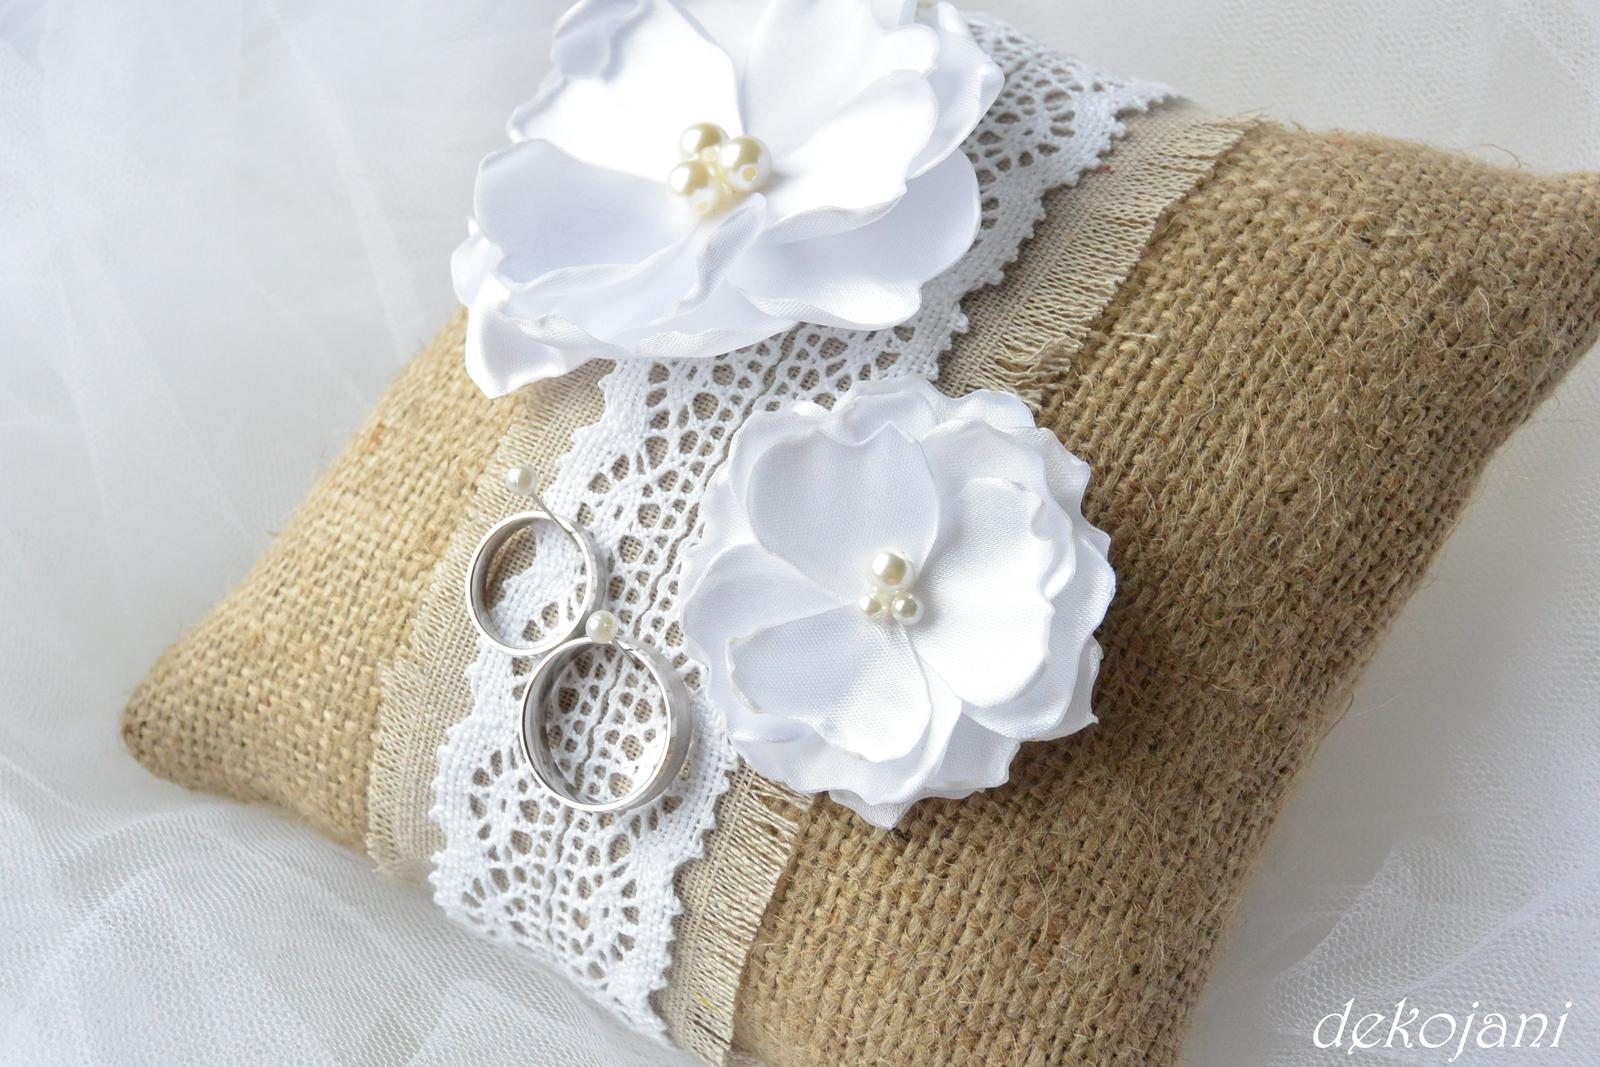 aguagulka - Jutový polštářek pod prstýnky s krajkou a ručně vyráběnými květinami...